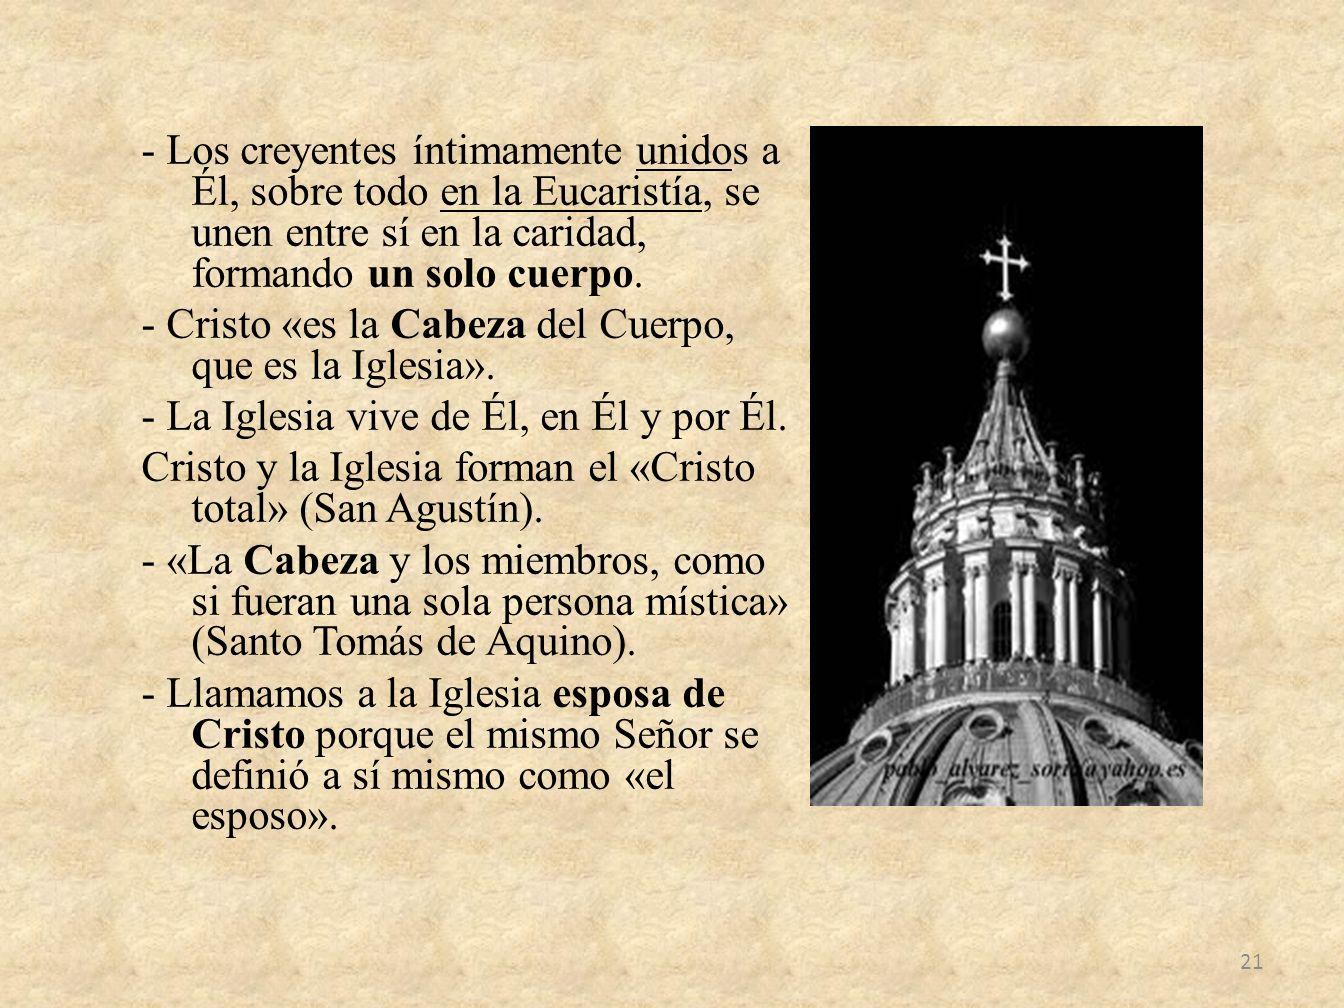 - Los creyentes íntimamente unidos a Él, sobre todo en la Eucaristía, se unen entre sí en la caridad, formando un solo cuerpo. - Cristo «es la Cabeza